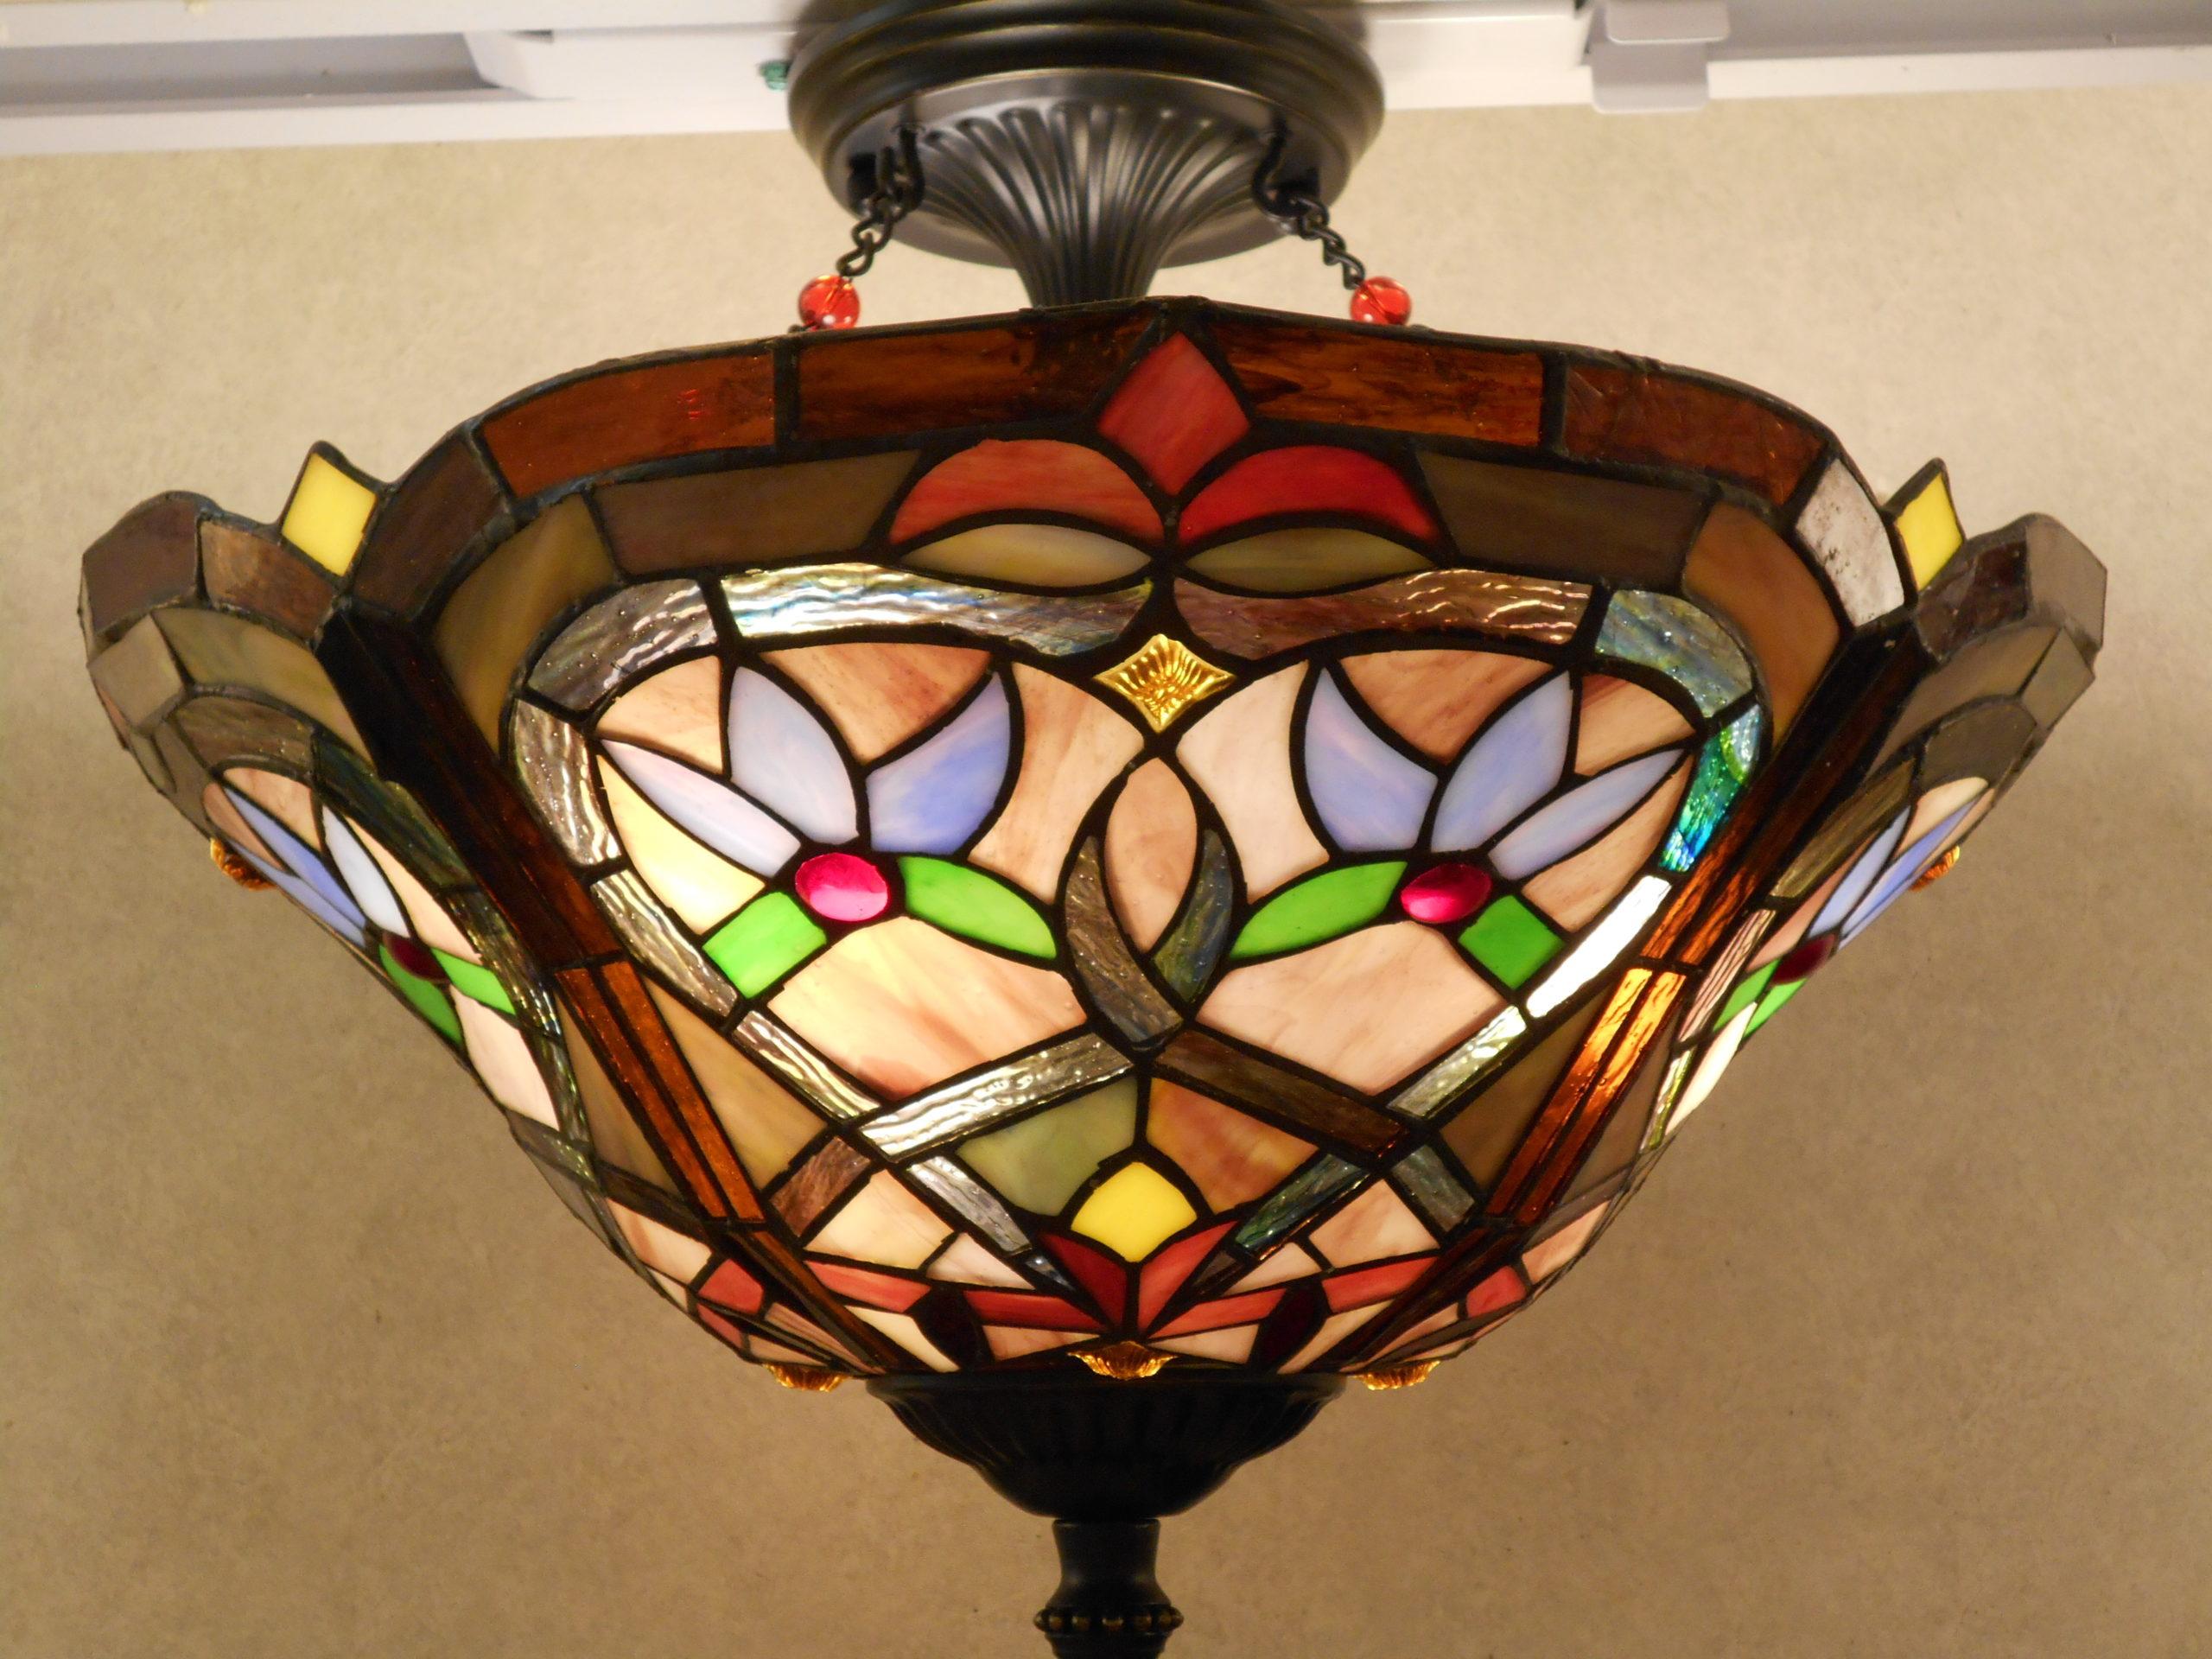 In Innenräumen ist die passende Beleuchtung ein wichtiges ästhetisches Element.